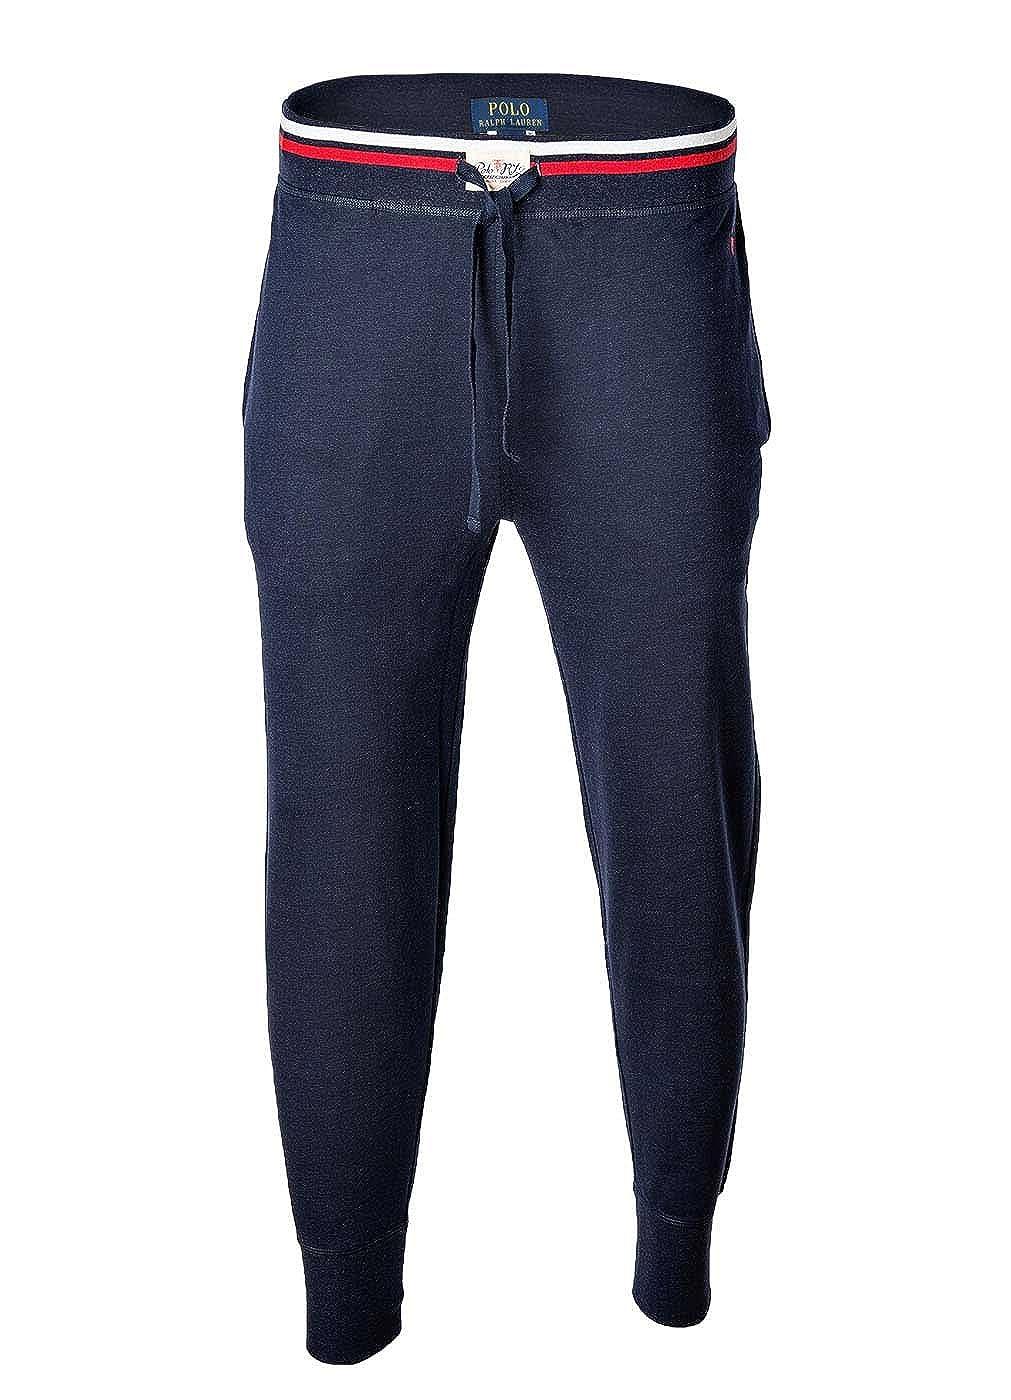 Polo Ralph Lauren Pantalón de Hombre, Largo, pantalón, Liso ...